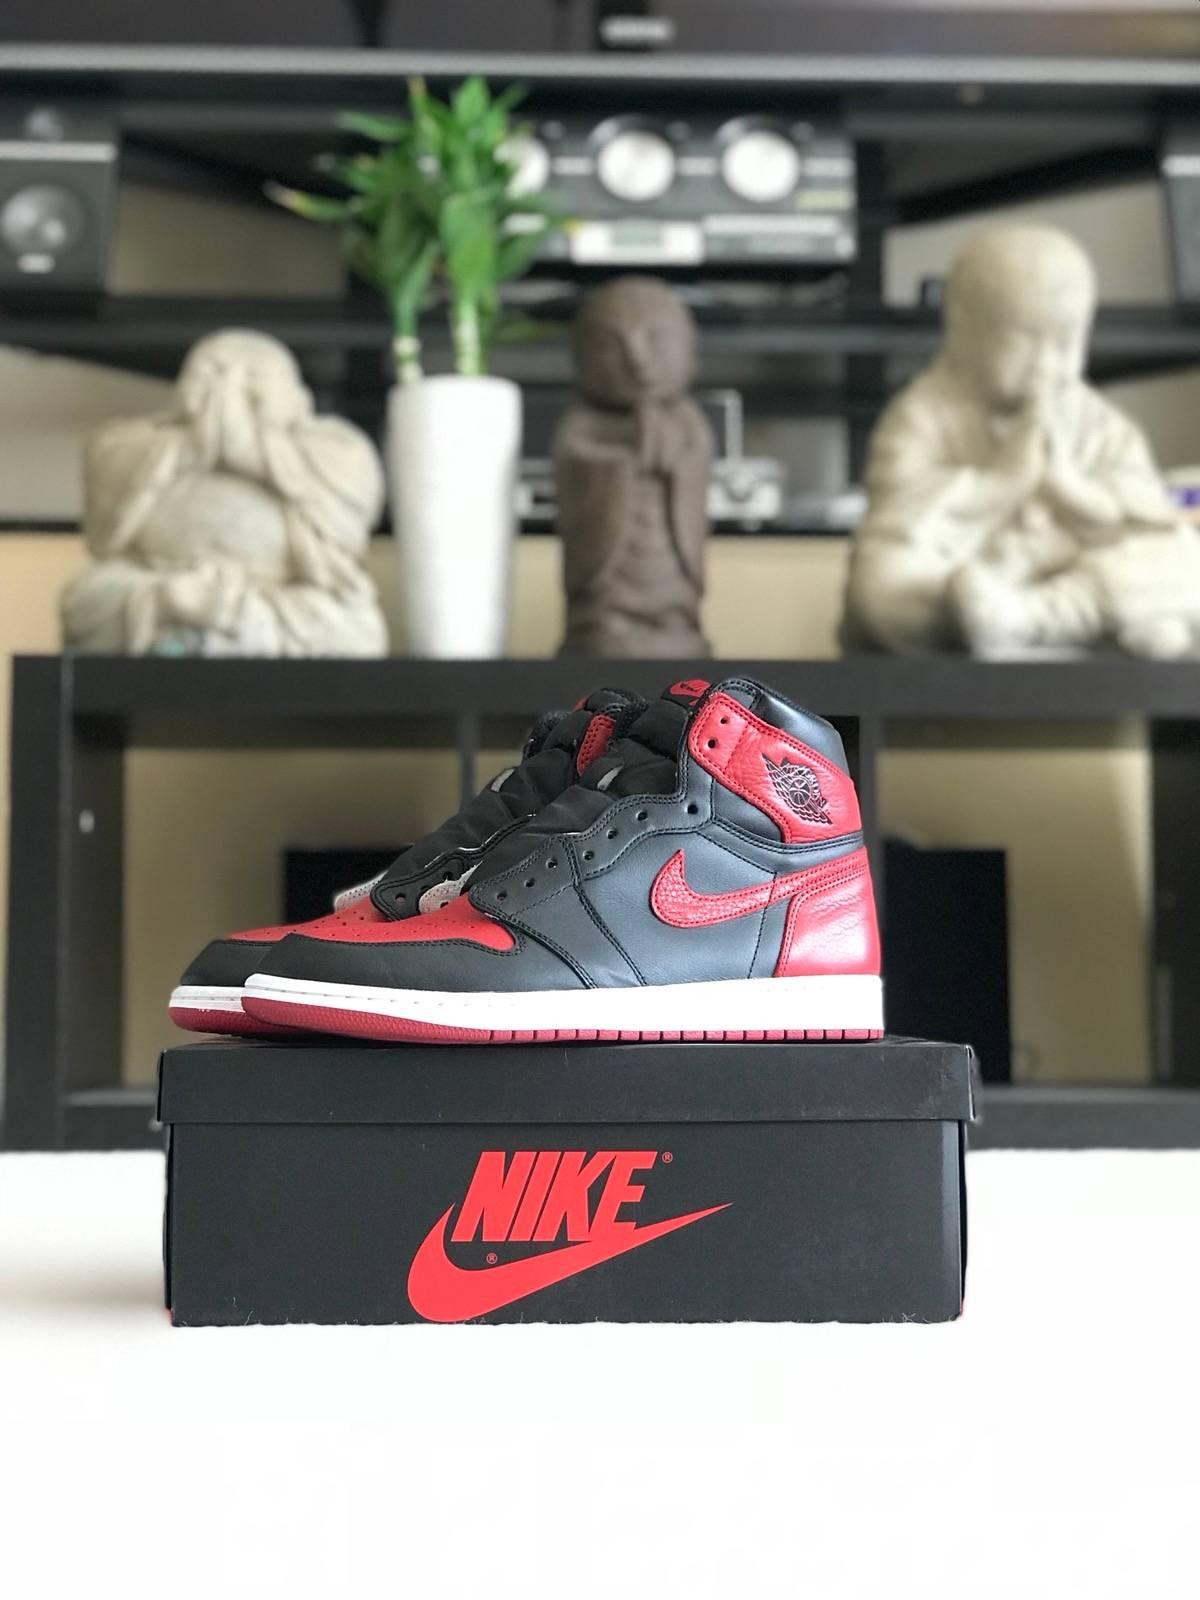 Jordan Brand Air Jordan 1 Retro High OG  Banned  Size 11.5 - Hi-Top ... fb21eeac0